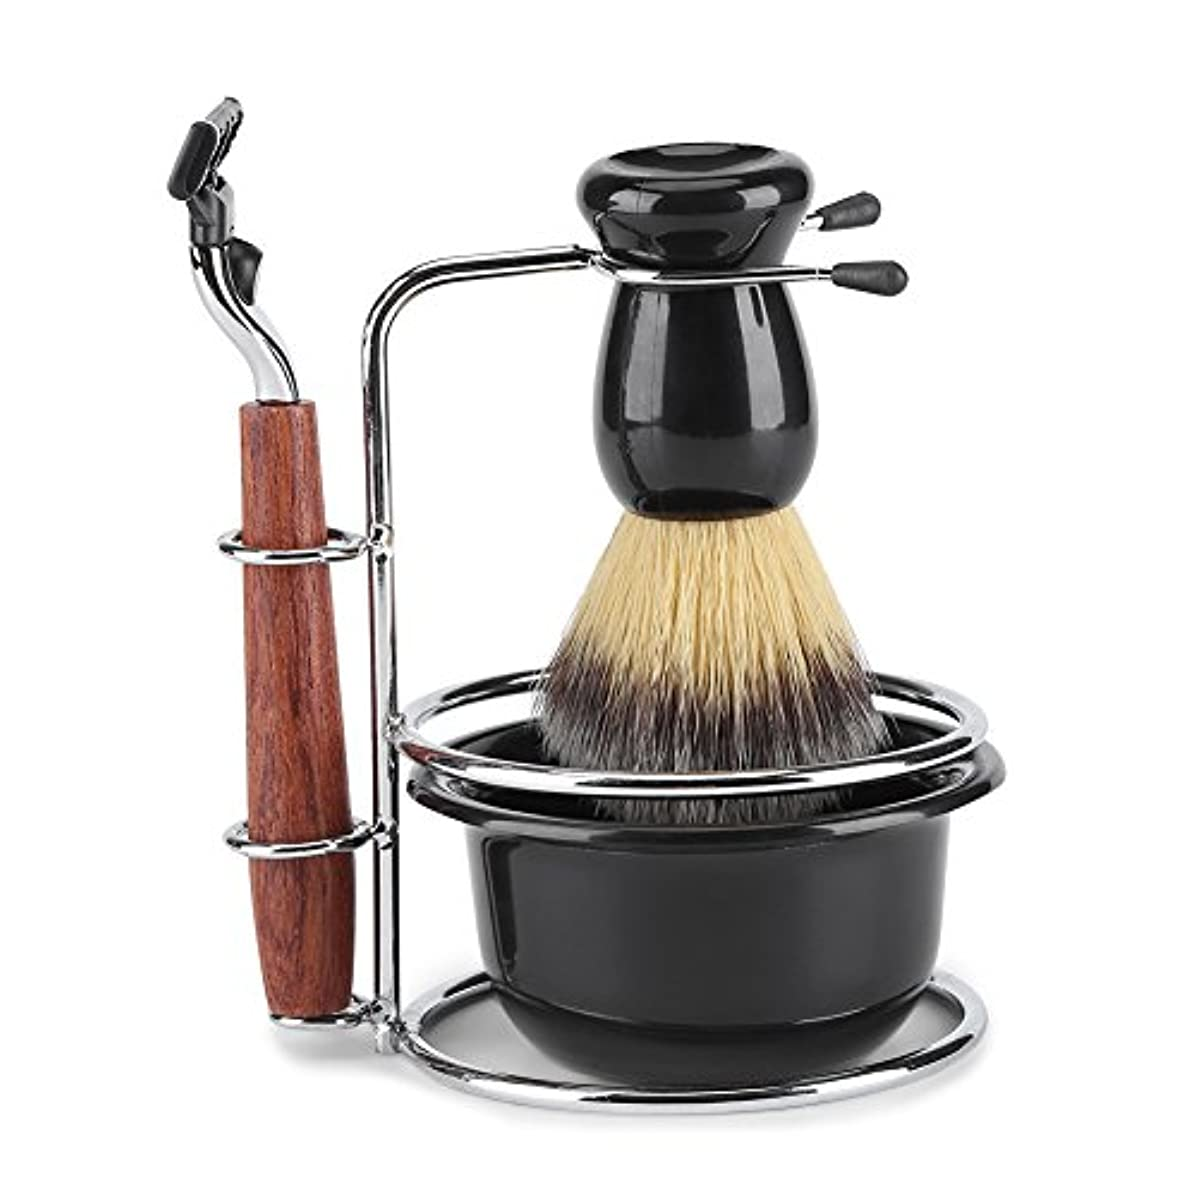 開業医根拠父方のシェービングブラシセット 父の日プレゼント ひげブラシ シェービングブラシ プラシスタンド 石鹸ボウル 理容 洗顔 髭剃り 泡立ち メンズ用 親父 ご主人 クリスマスプレゼント